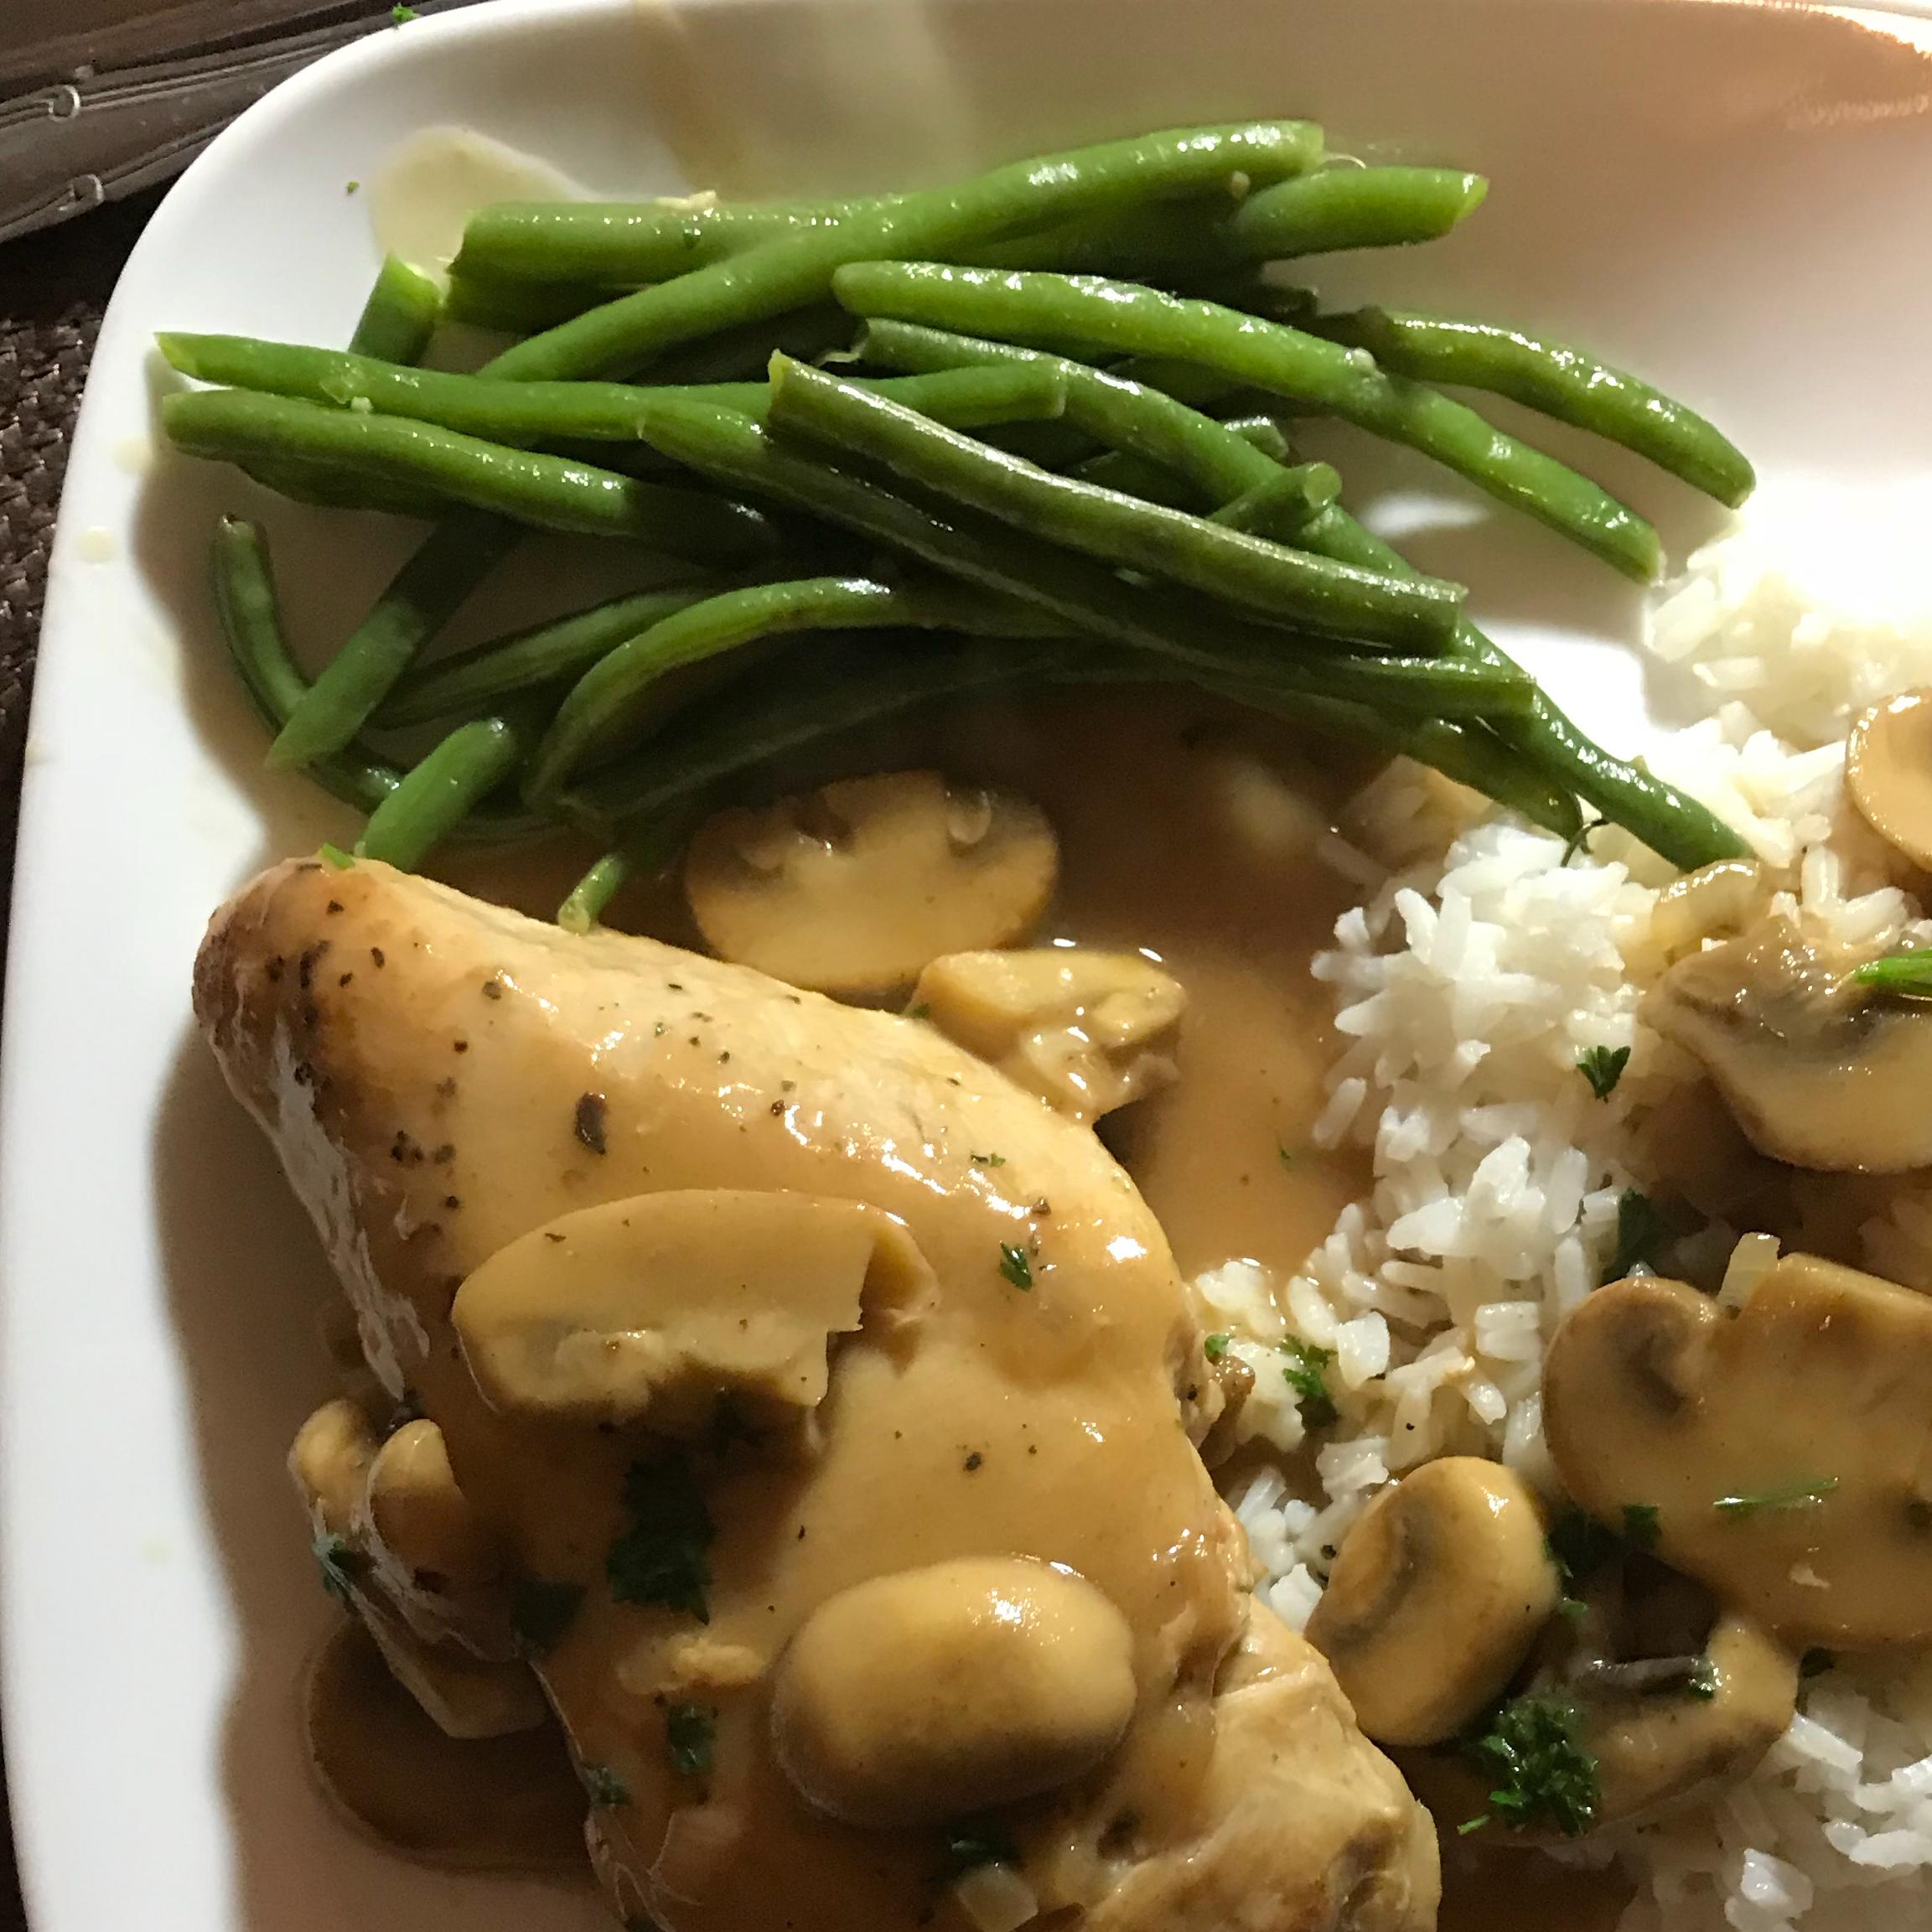 Chef John's Chicken Marsala Julie Quenneville Bustos